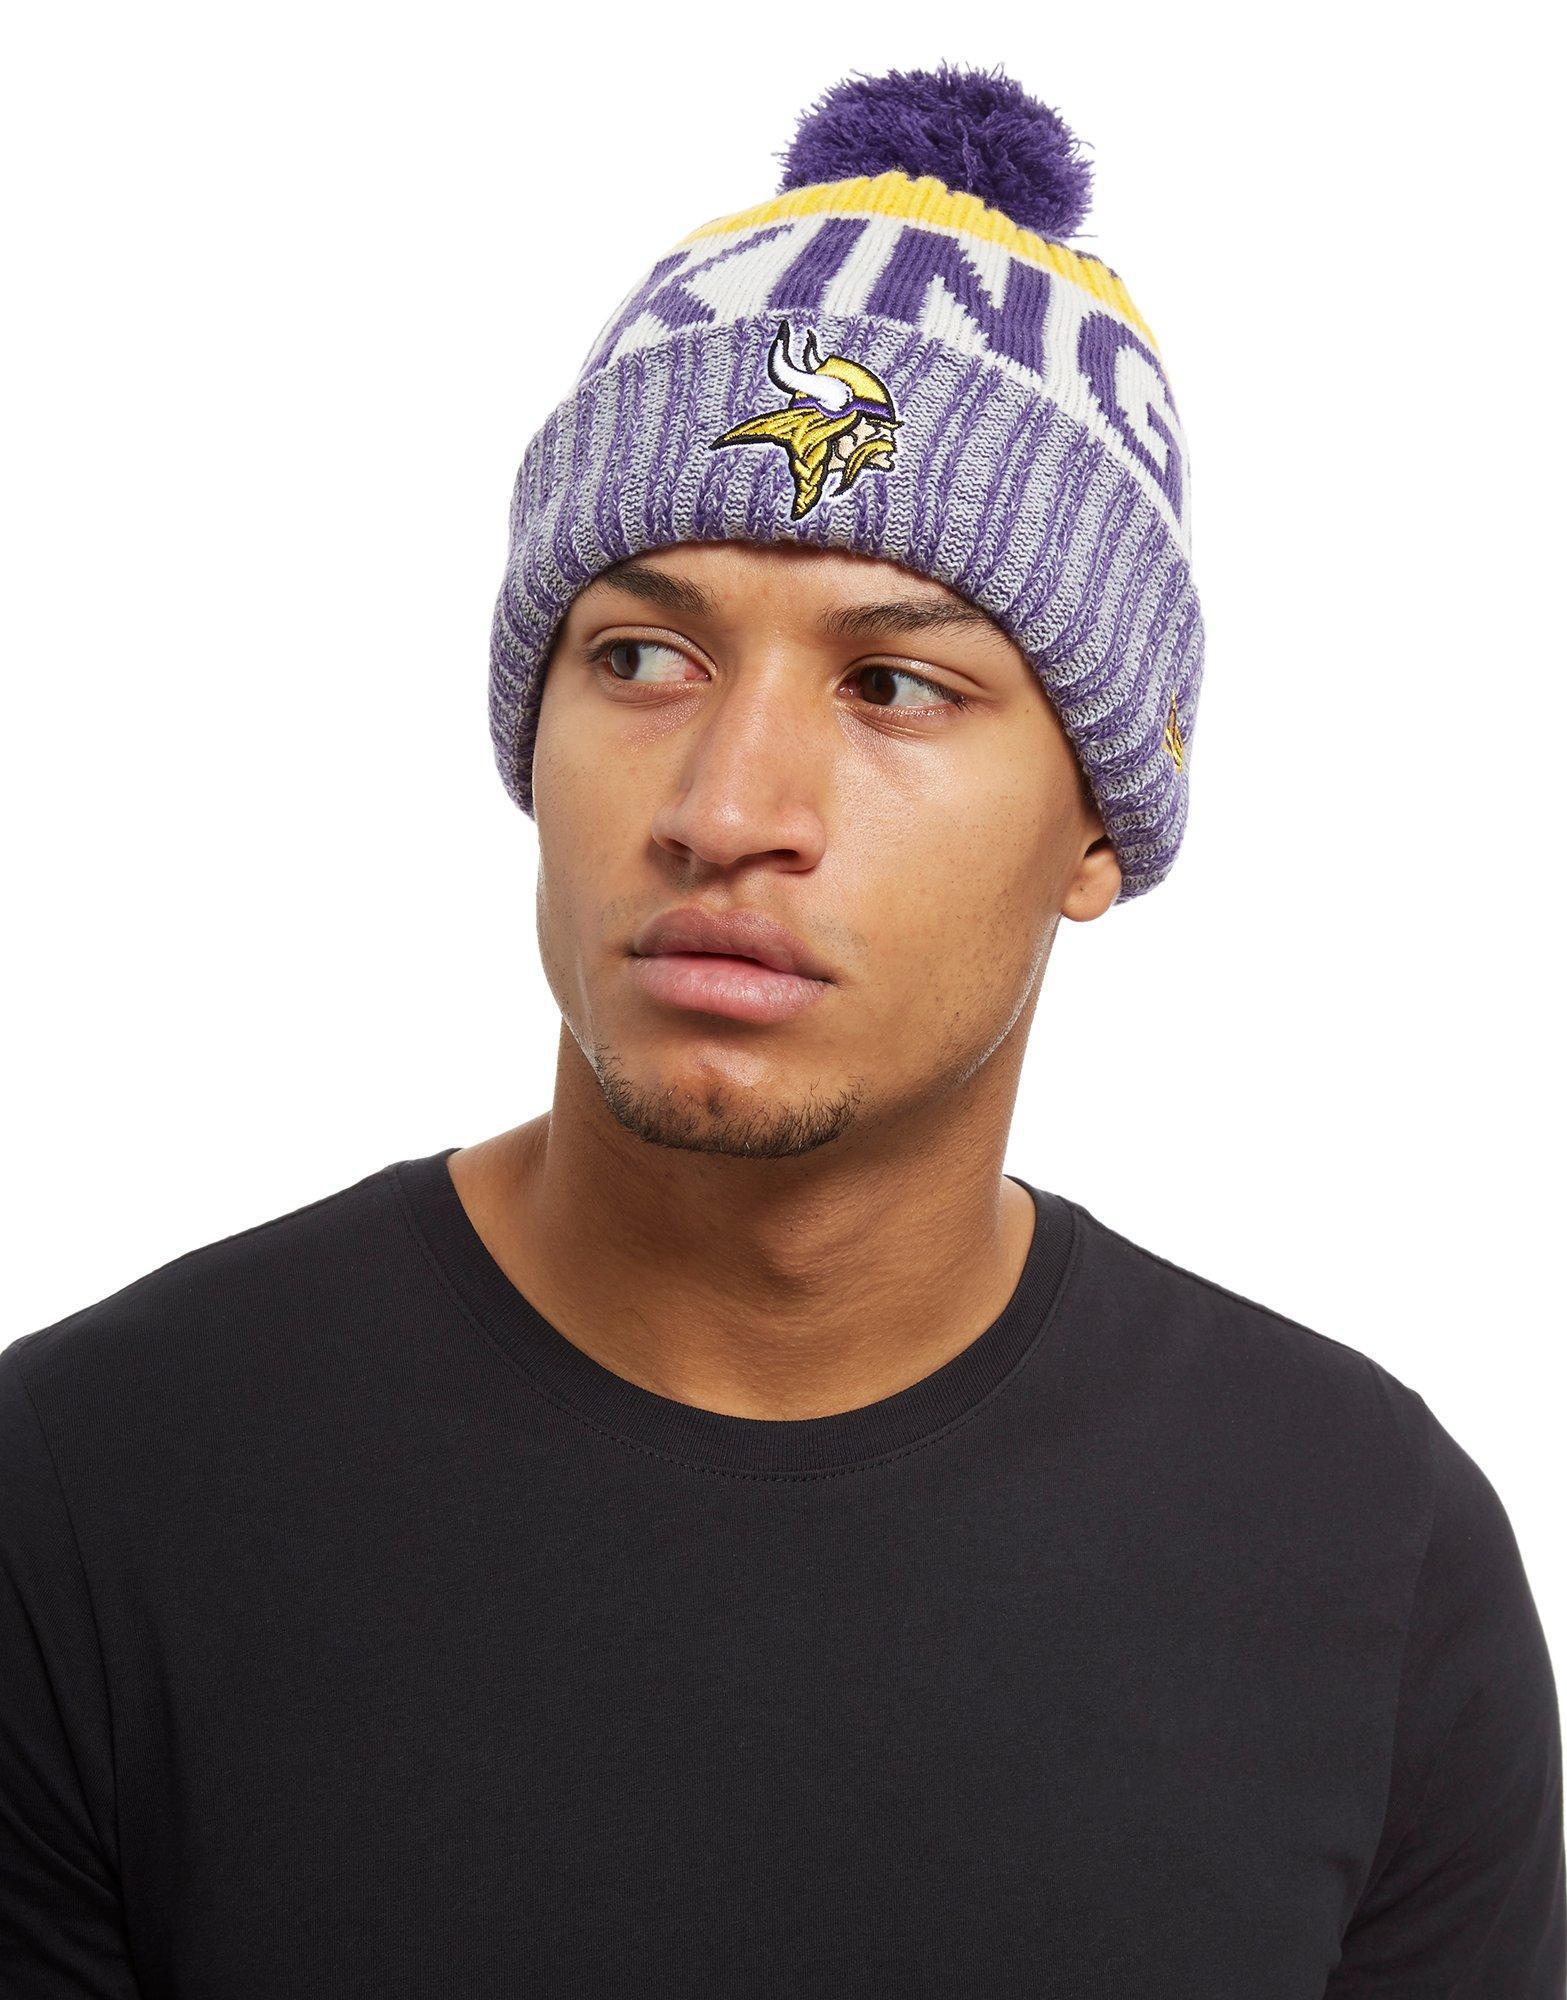 Lyst - KTZ Minnesota Vikings Sideline Knitted Hat in Purple for Men b1e80657c